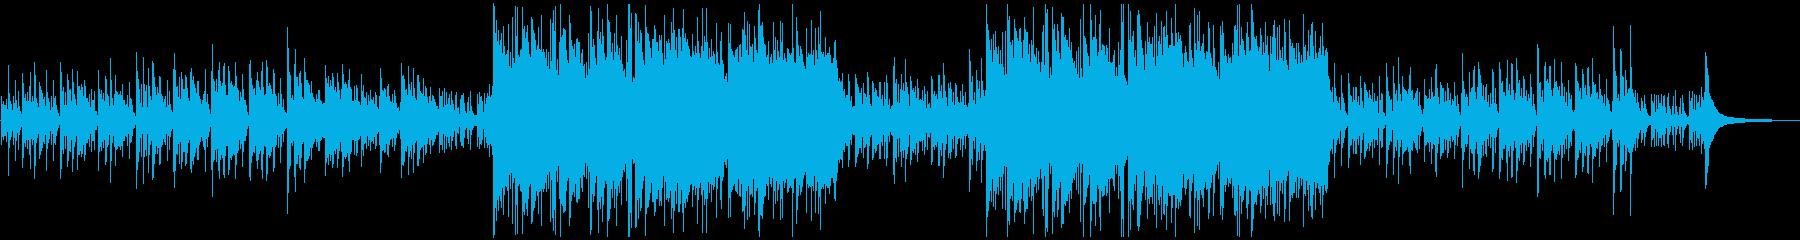 ピチカートがノスタルジックな優しい曲の再生済みの波形